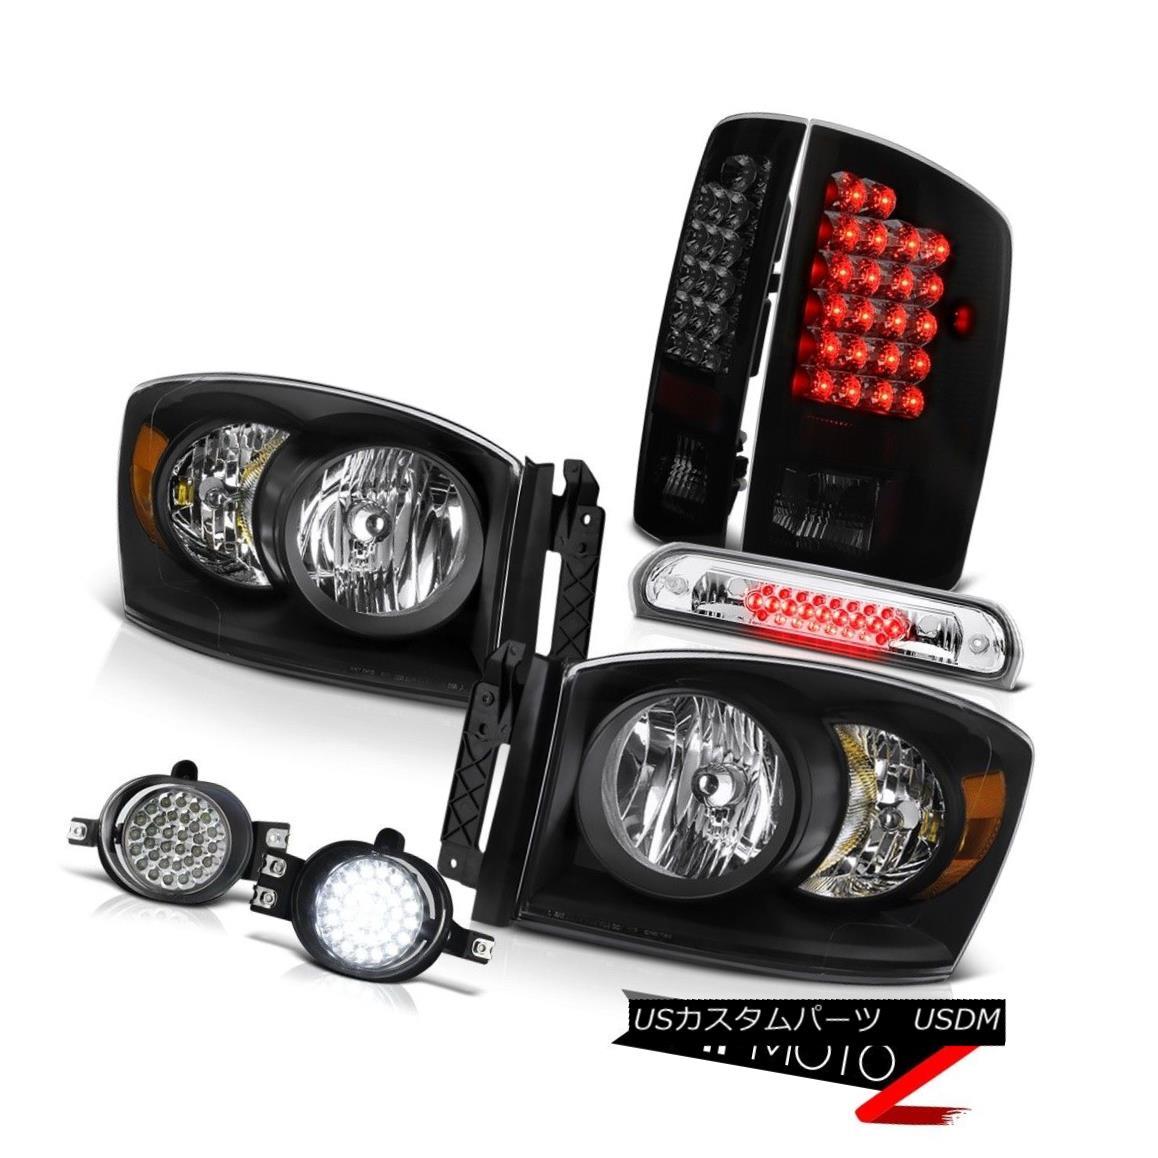 テールライト 07 2008 Ram ST Left Right Headlights LED Tail Lights Bumper Fog Chrome 3rd Brake 07 2008 Ram ST左ライトヘッドライトLEDテールライトバンパーフォグクロム第3ブレーキ